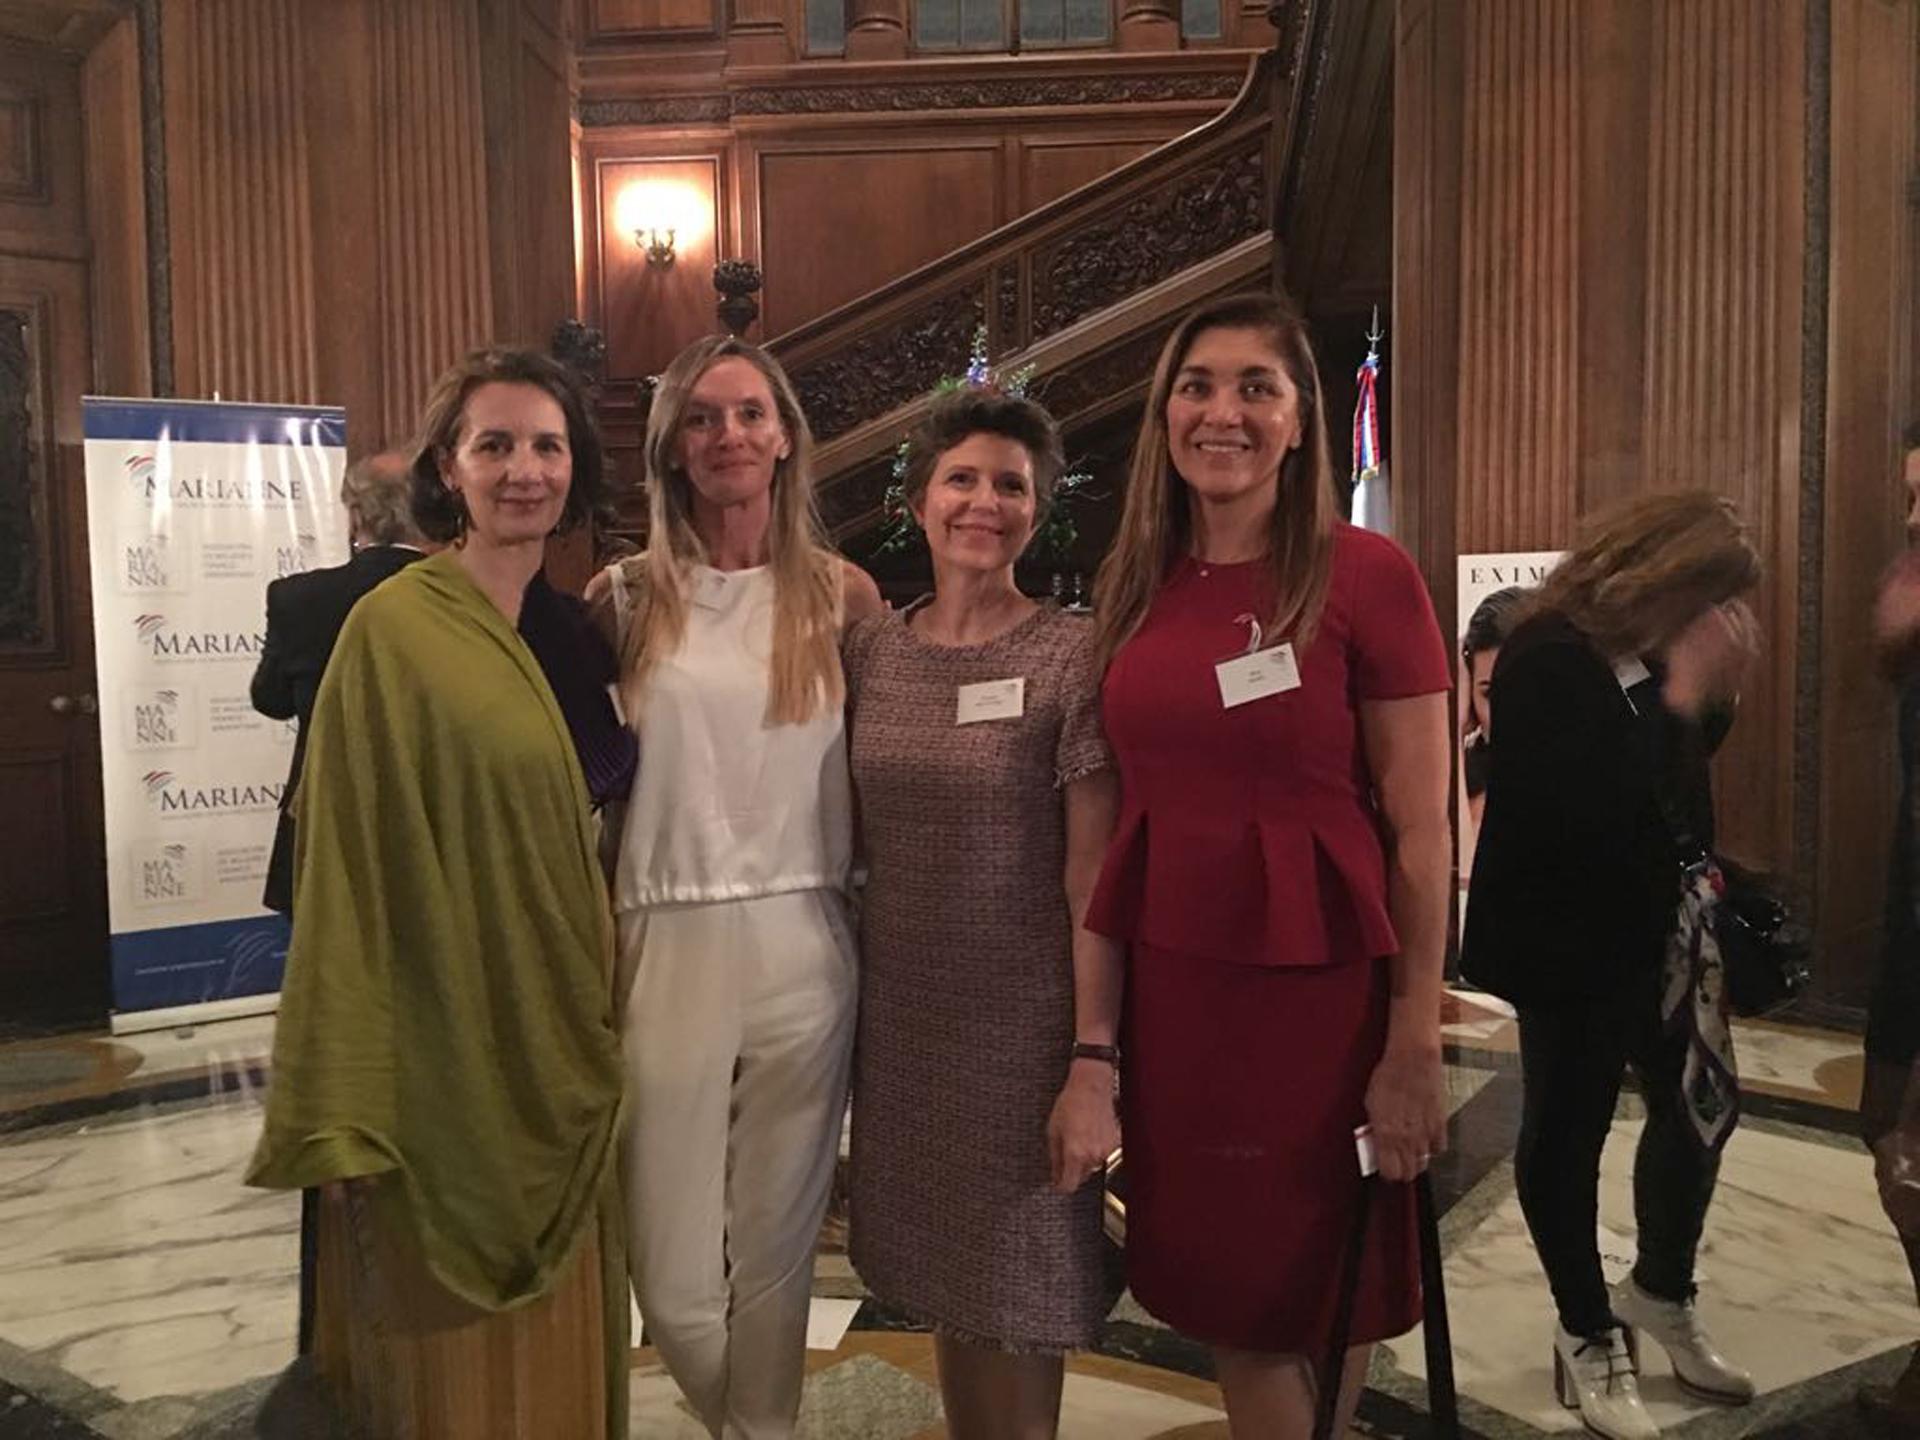 Dominique Biquard, Eugenia Botta, Margarita Melo de Vaquer y Silvia Taurozzi, las cuatro presidentes de Marianne desde el inicio de la asociación en 2010